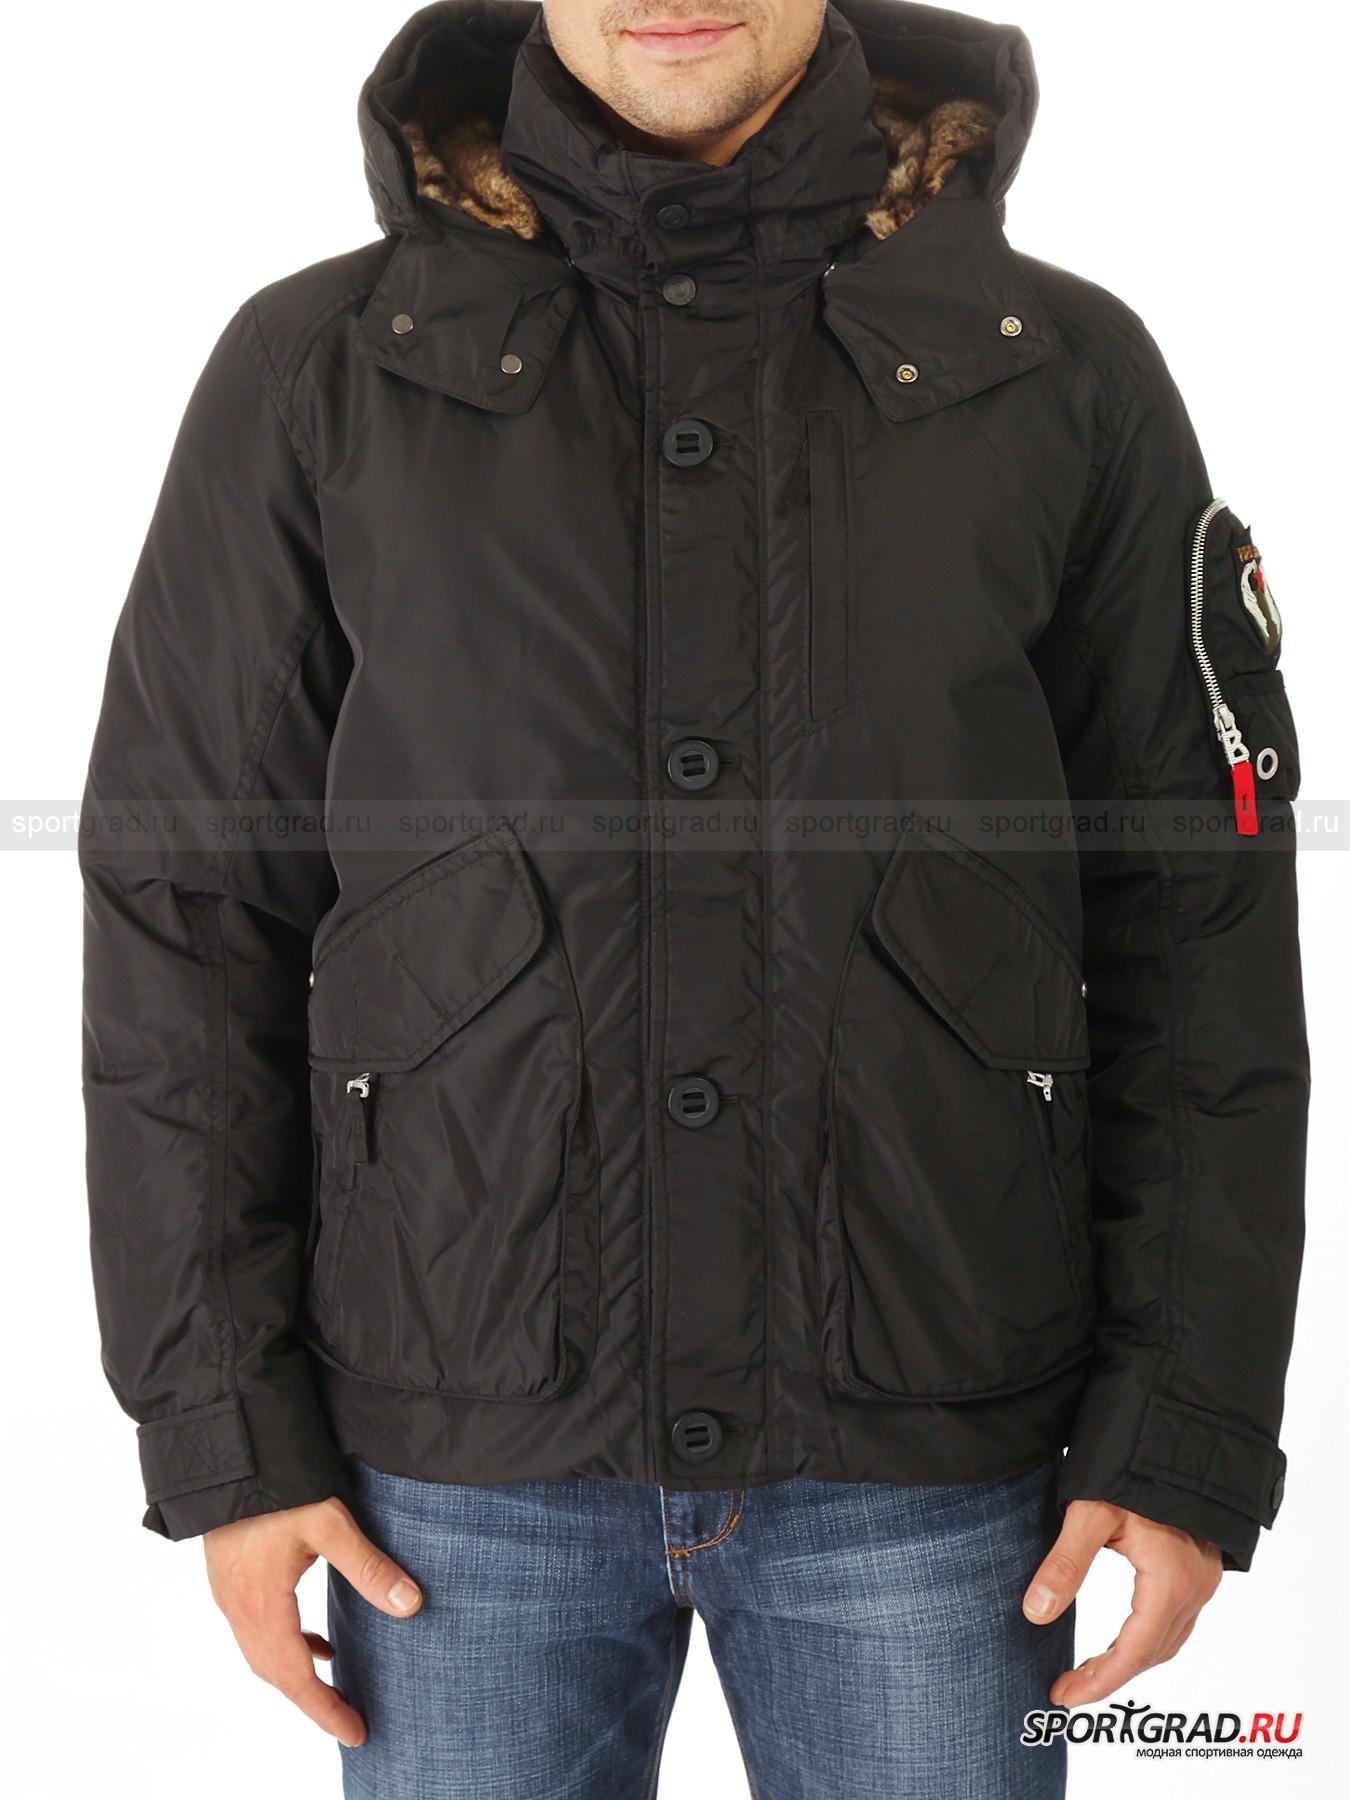 Пуховик мужской Tino-d FIRE&ICE с капюшоном на меховой подкладке от Спортград